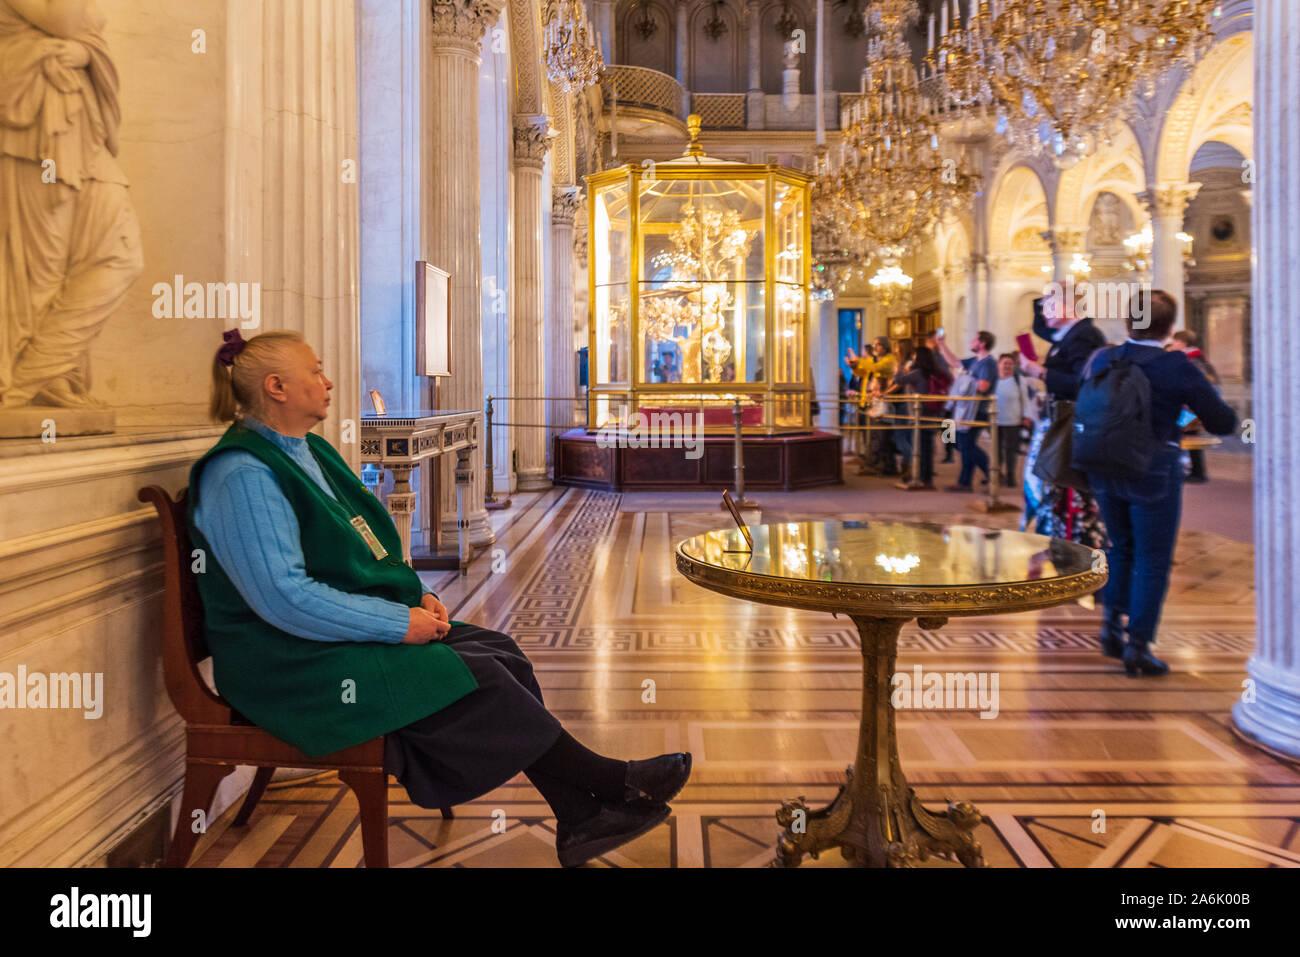 Antiguo custodio en el Palacio de Invierno en el Museo Estatal del Hermitage, en San Petersburgo, Rusia Foto de stock